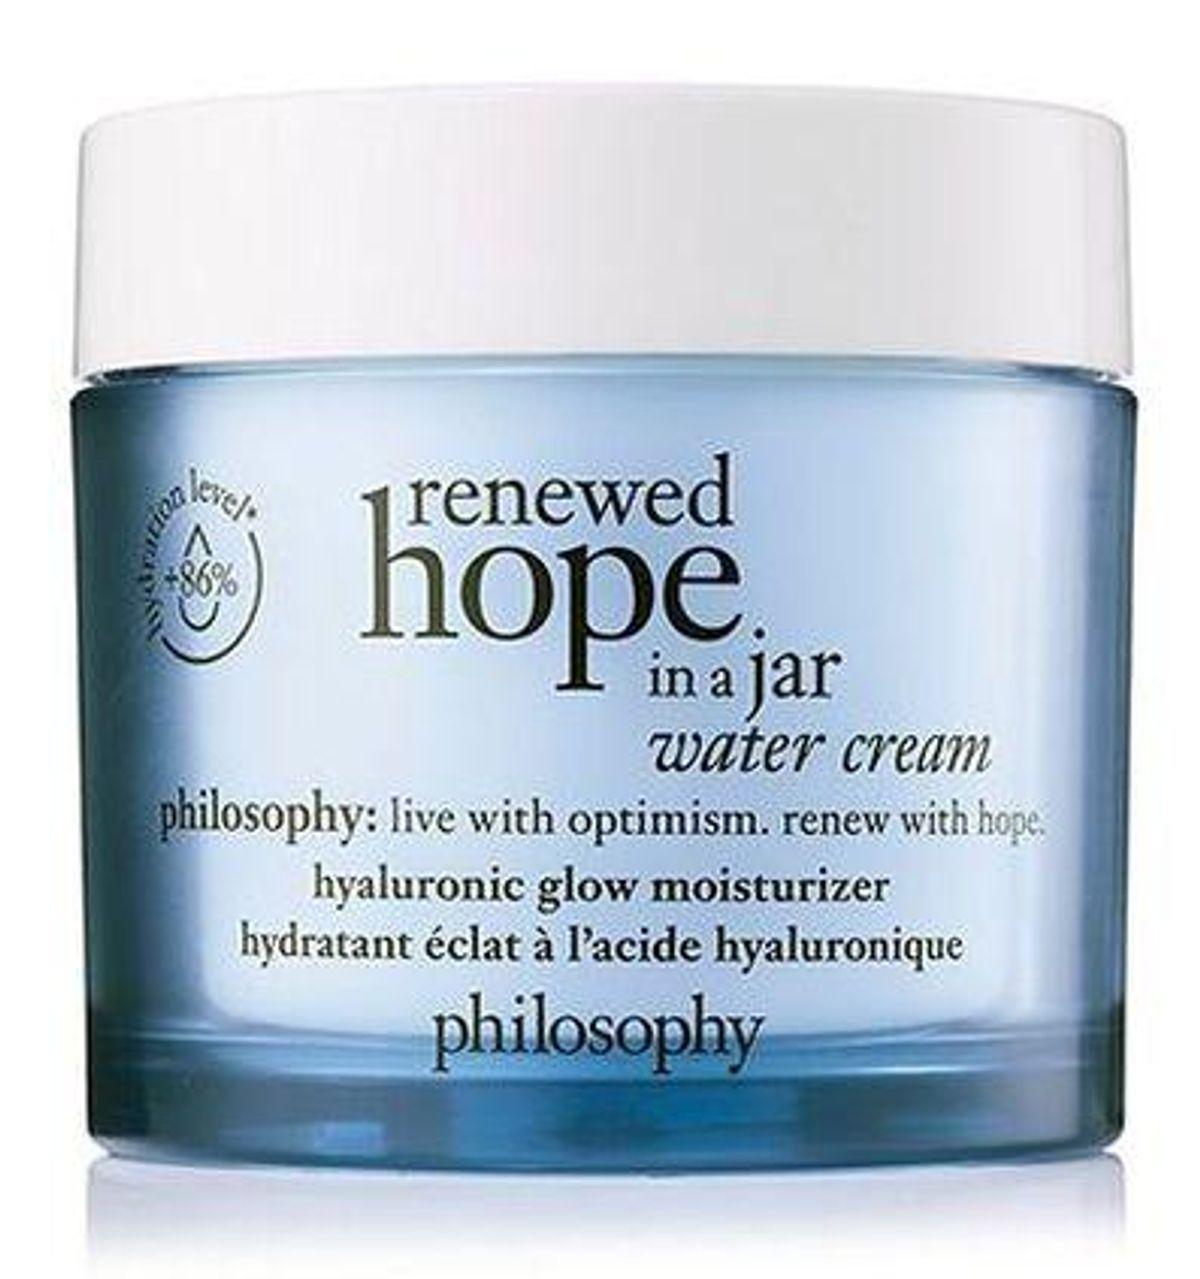 philosophy renewed hope in a jar water cream hyaluronic glow moisturizer